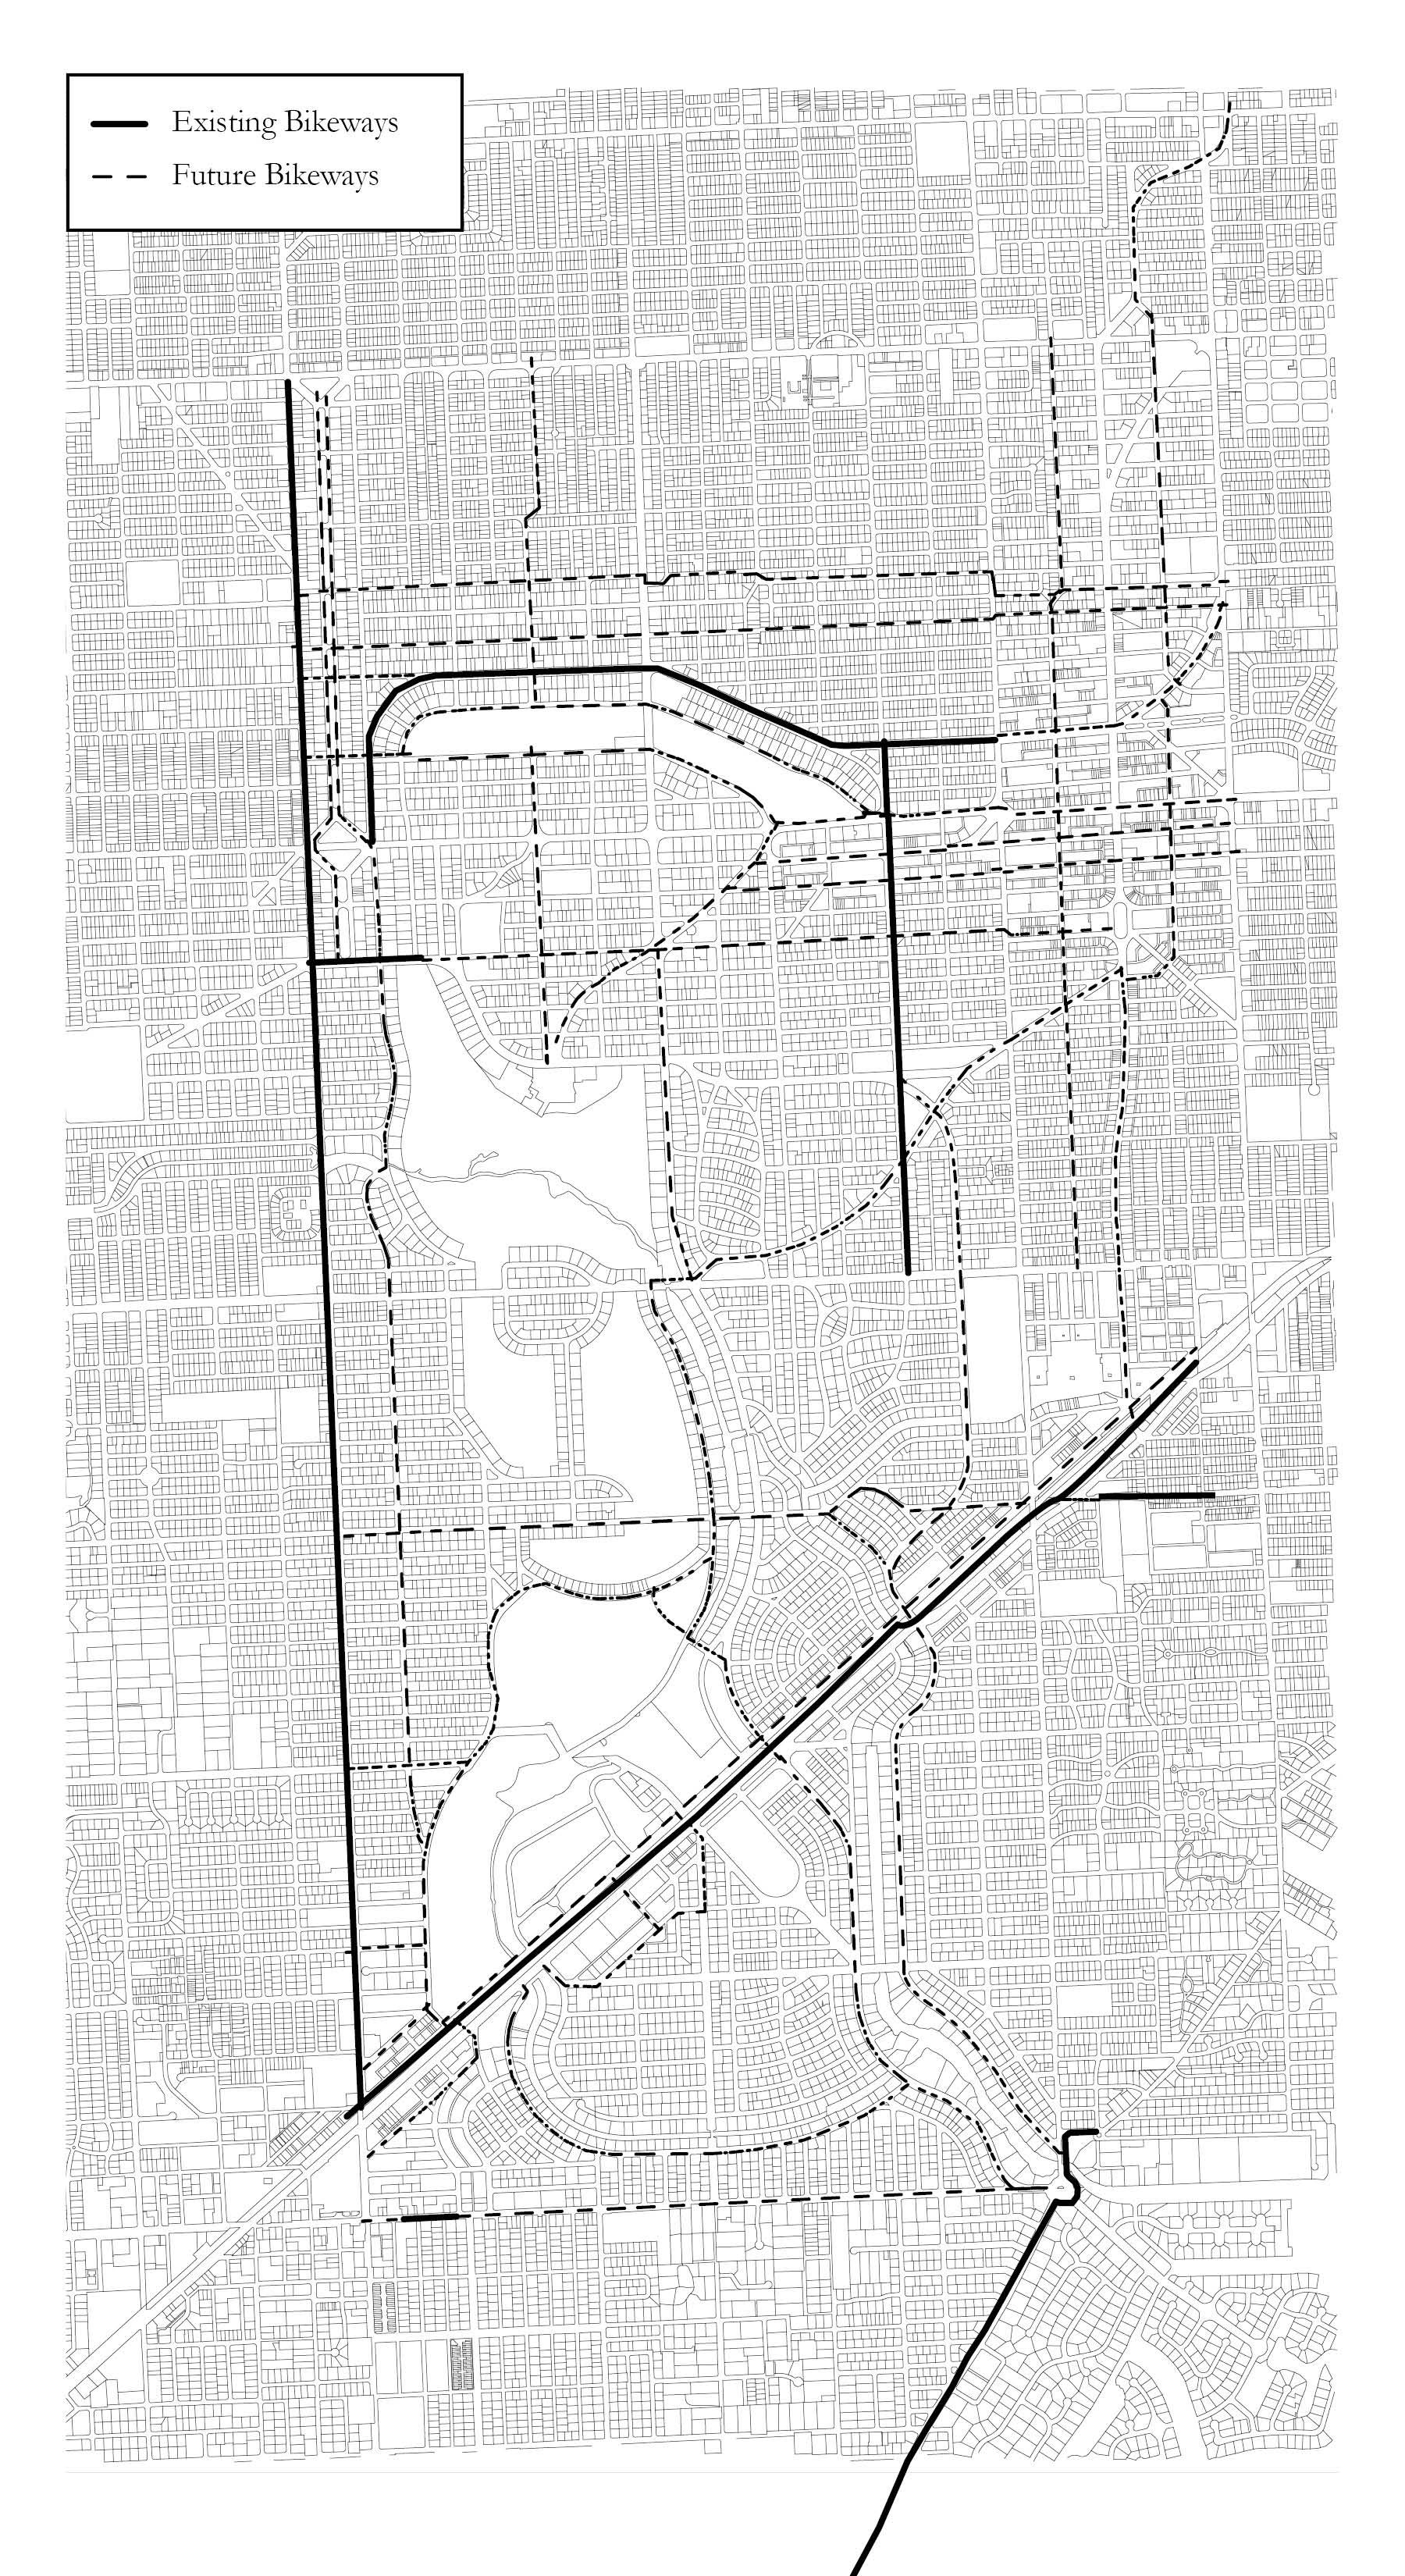 Future bikeways identified in 2014 Bike & Pedestrian Master Plan